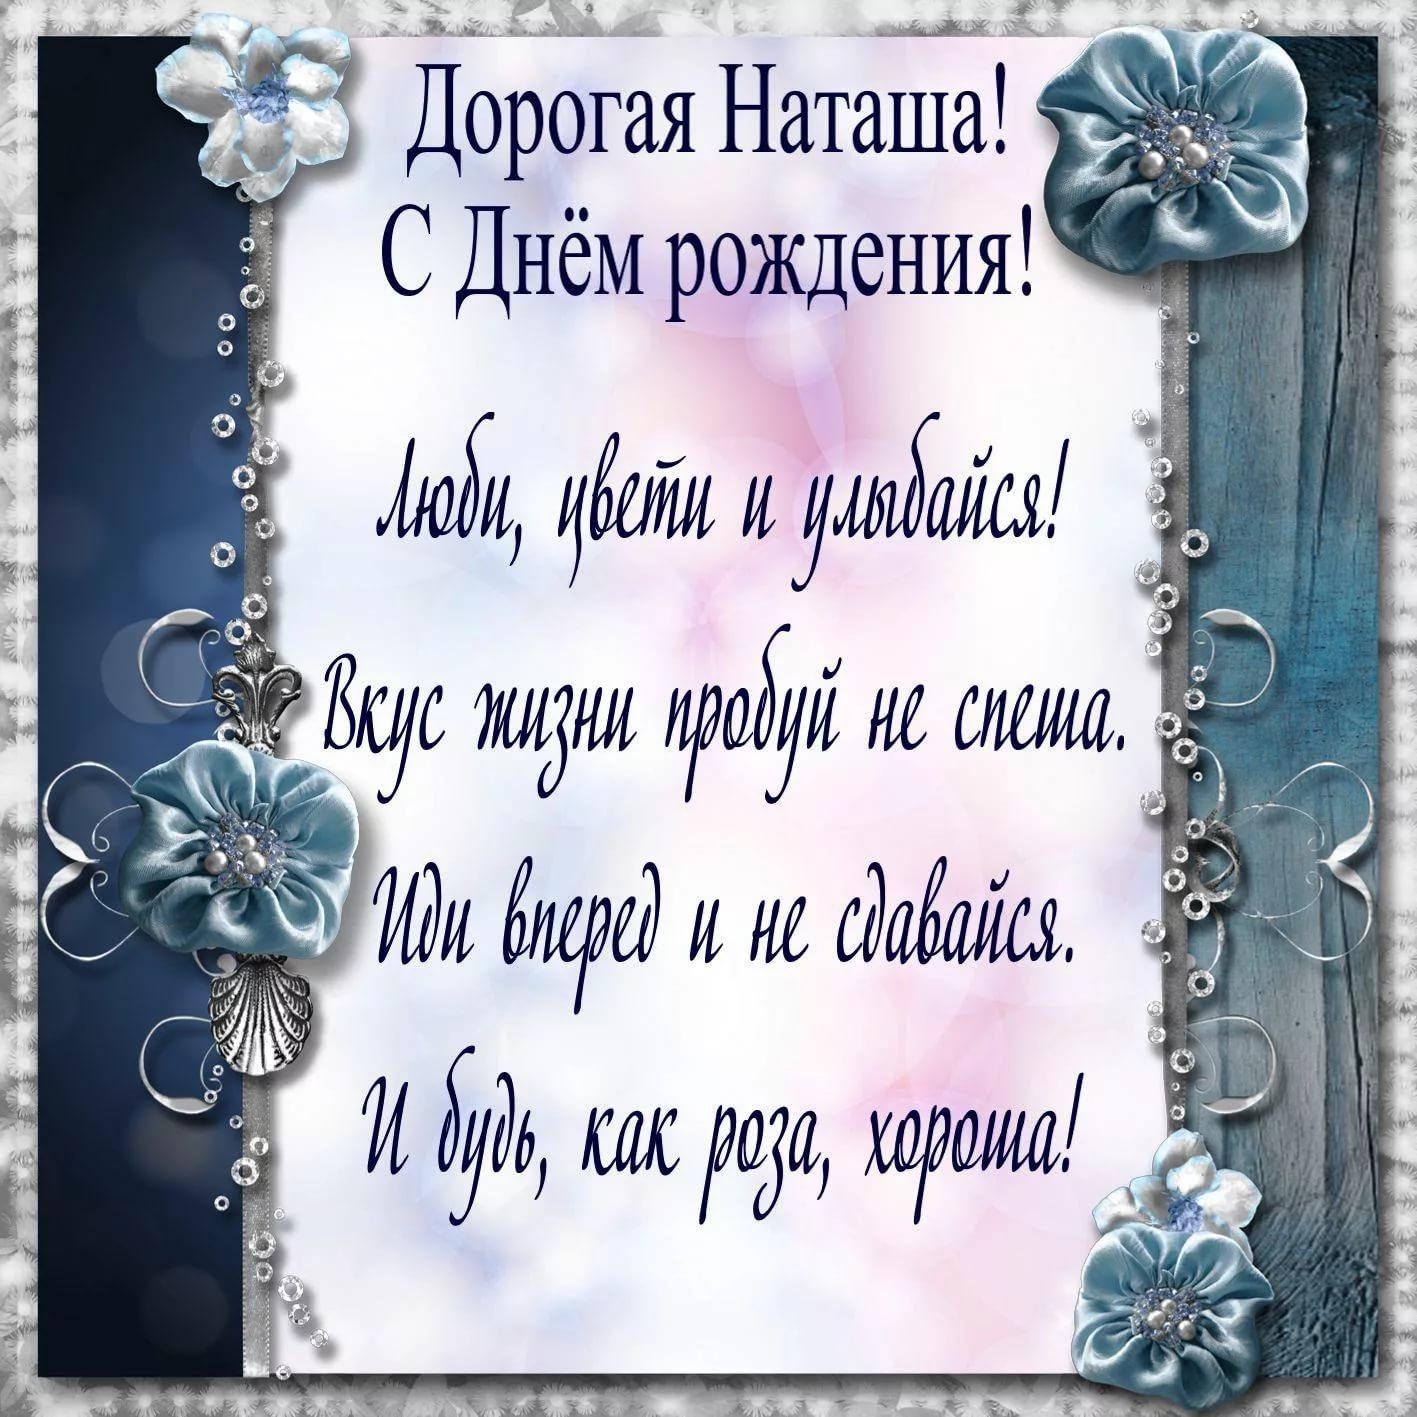 Красивые именные открытки с днем рождения женщине, с надписями 7